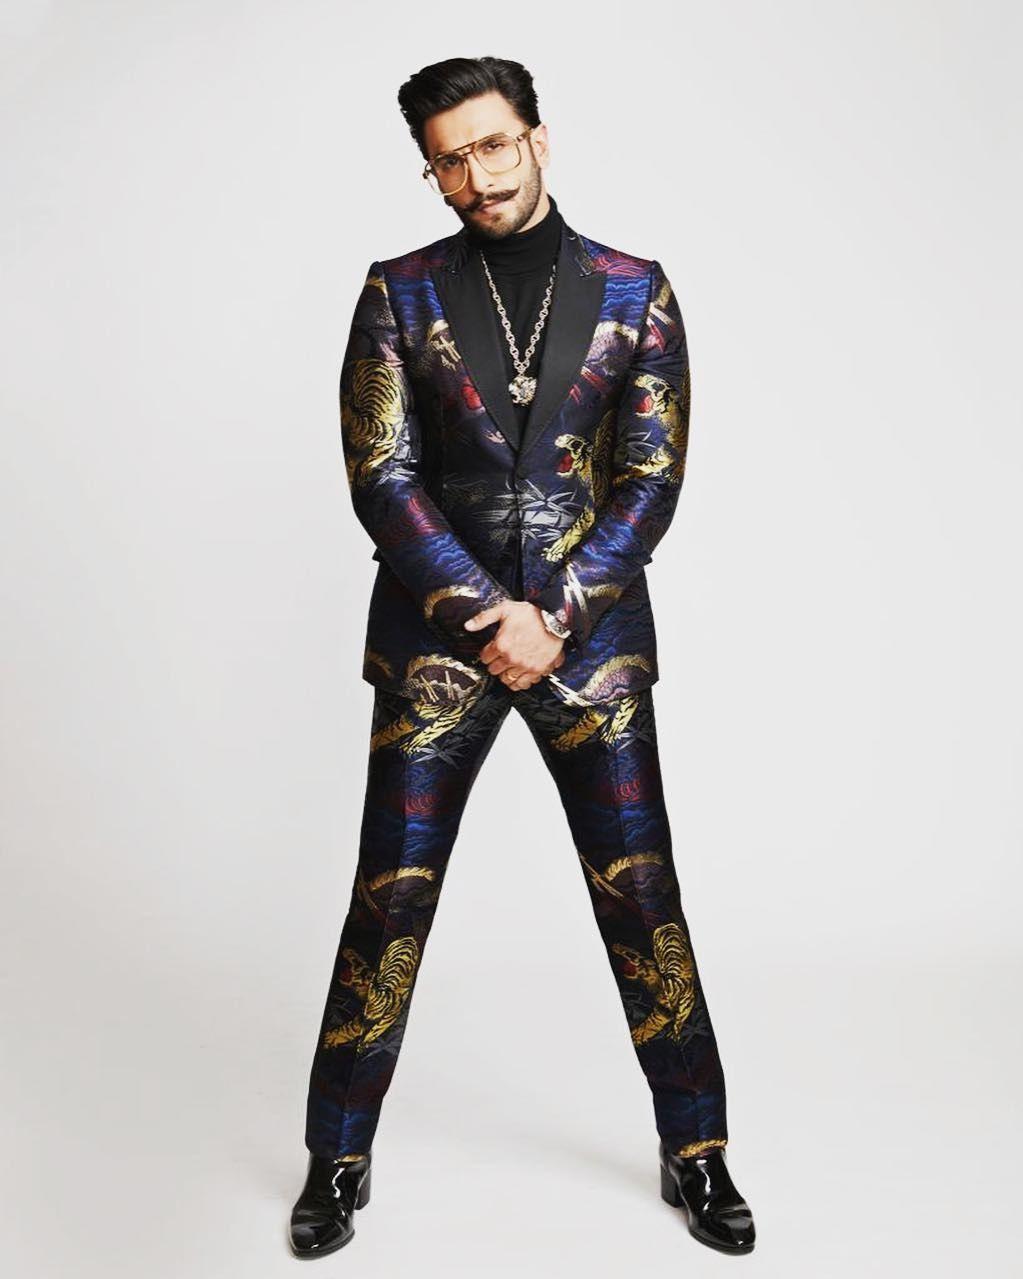 Ranveer Singh latest outfit